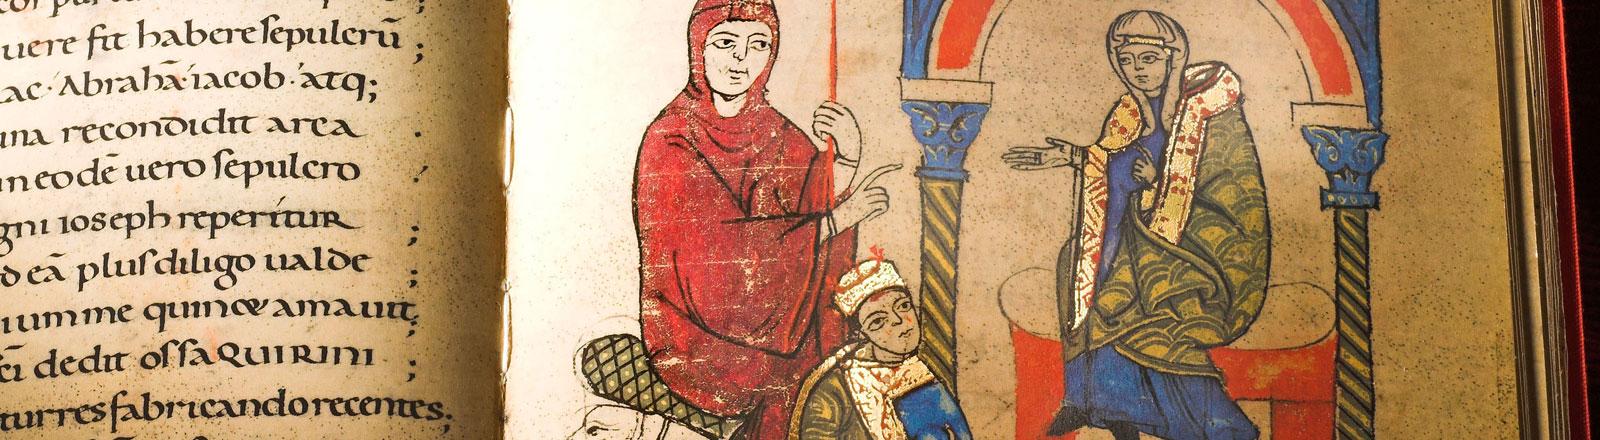 Die Handschrift zeigt die Abbildung des büßenden König Heinrich als früheste Darstellung des Gangs nach Canossa.